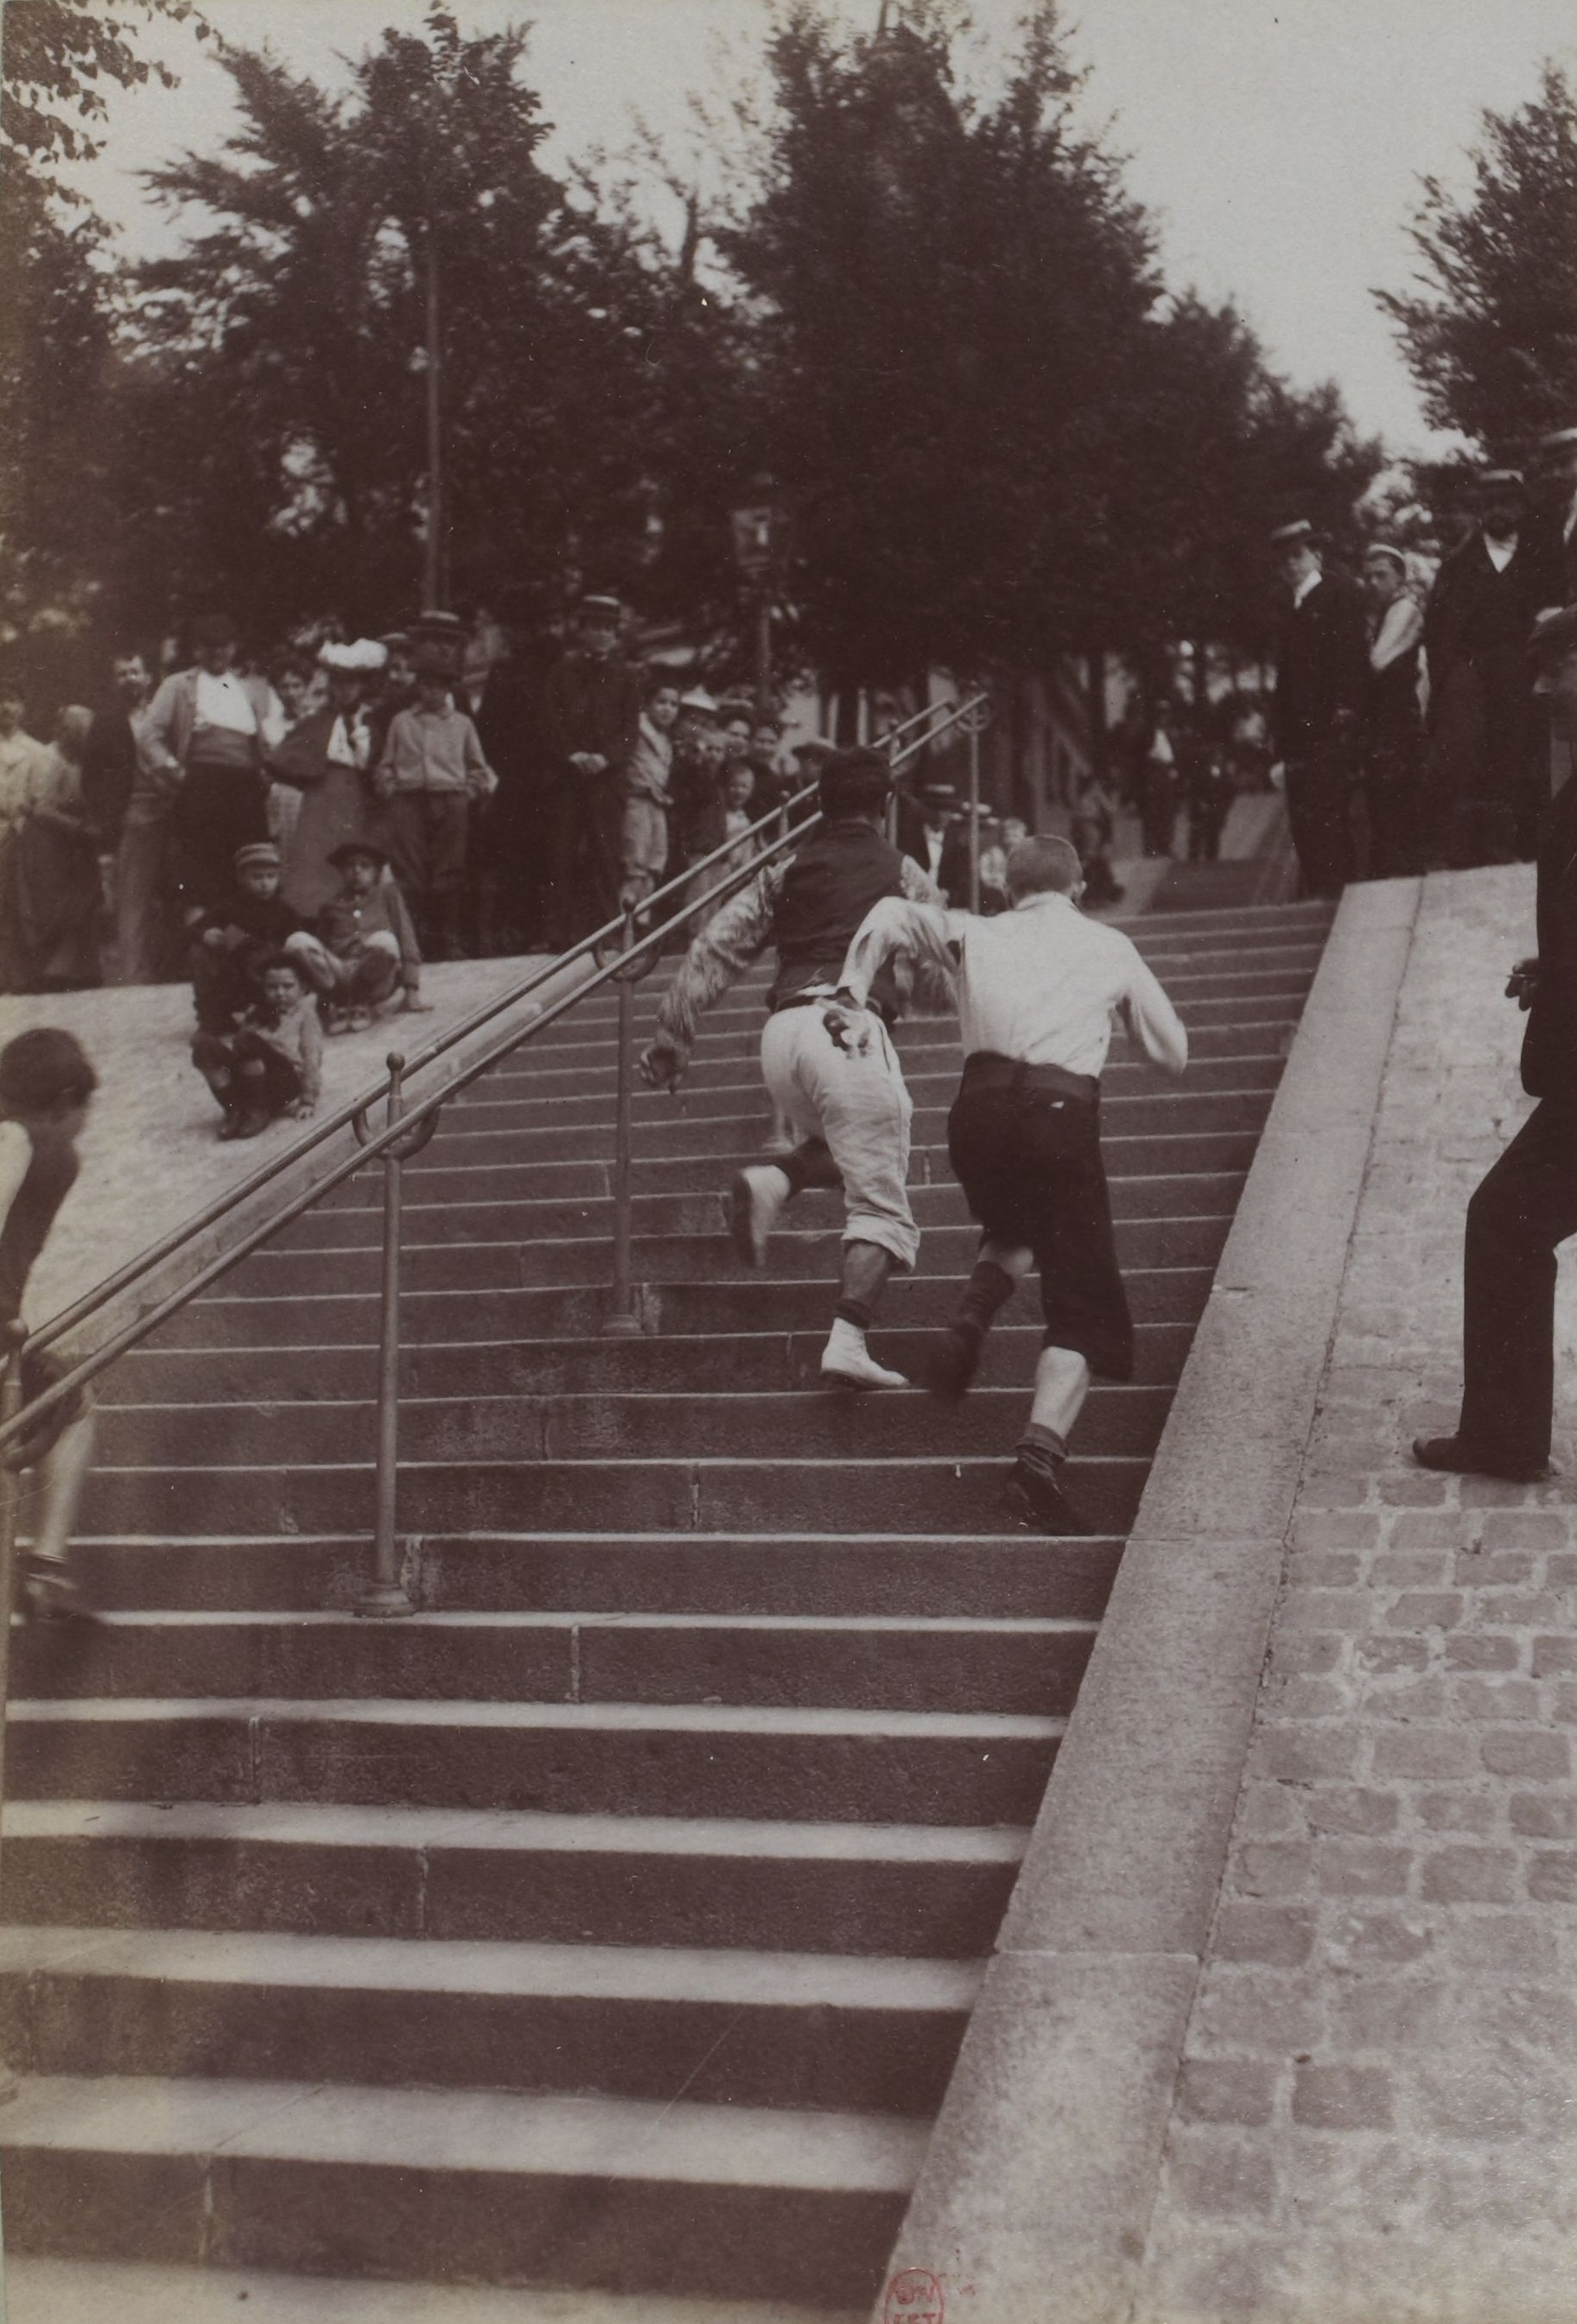 fichier le championnat de l 39 escalier paris 1903 jpg wikip dia. Black Bedroom Furniture Sets. Home Design Ideas